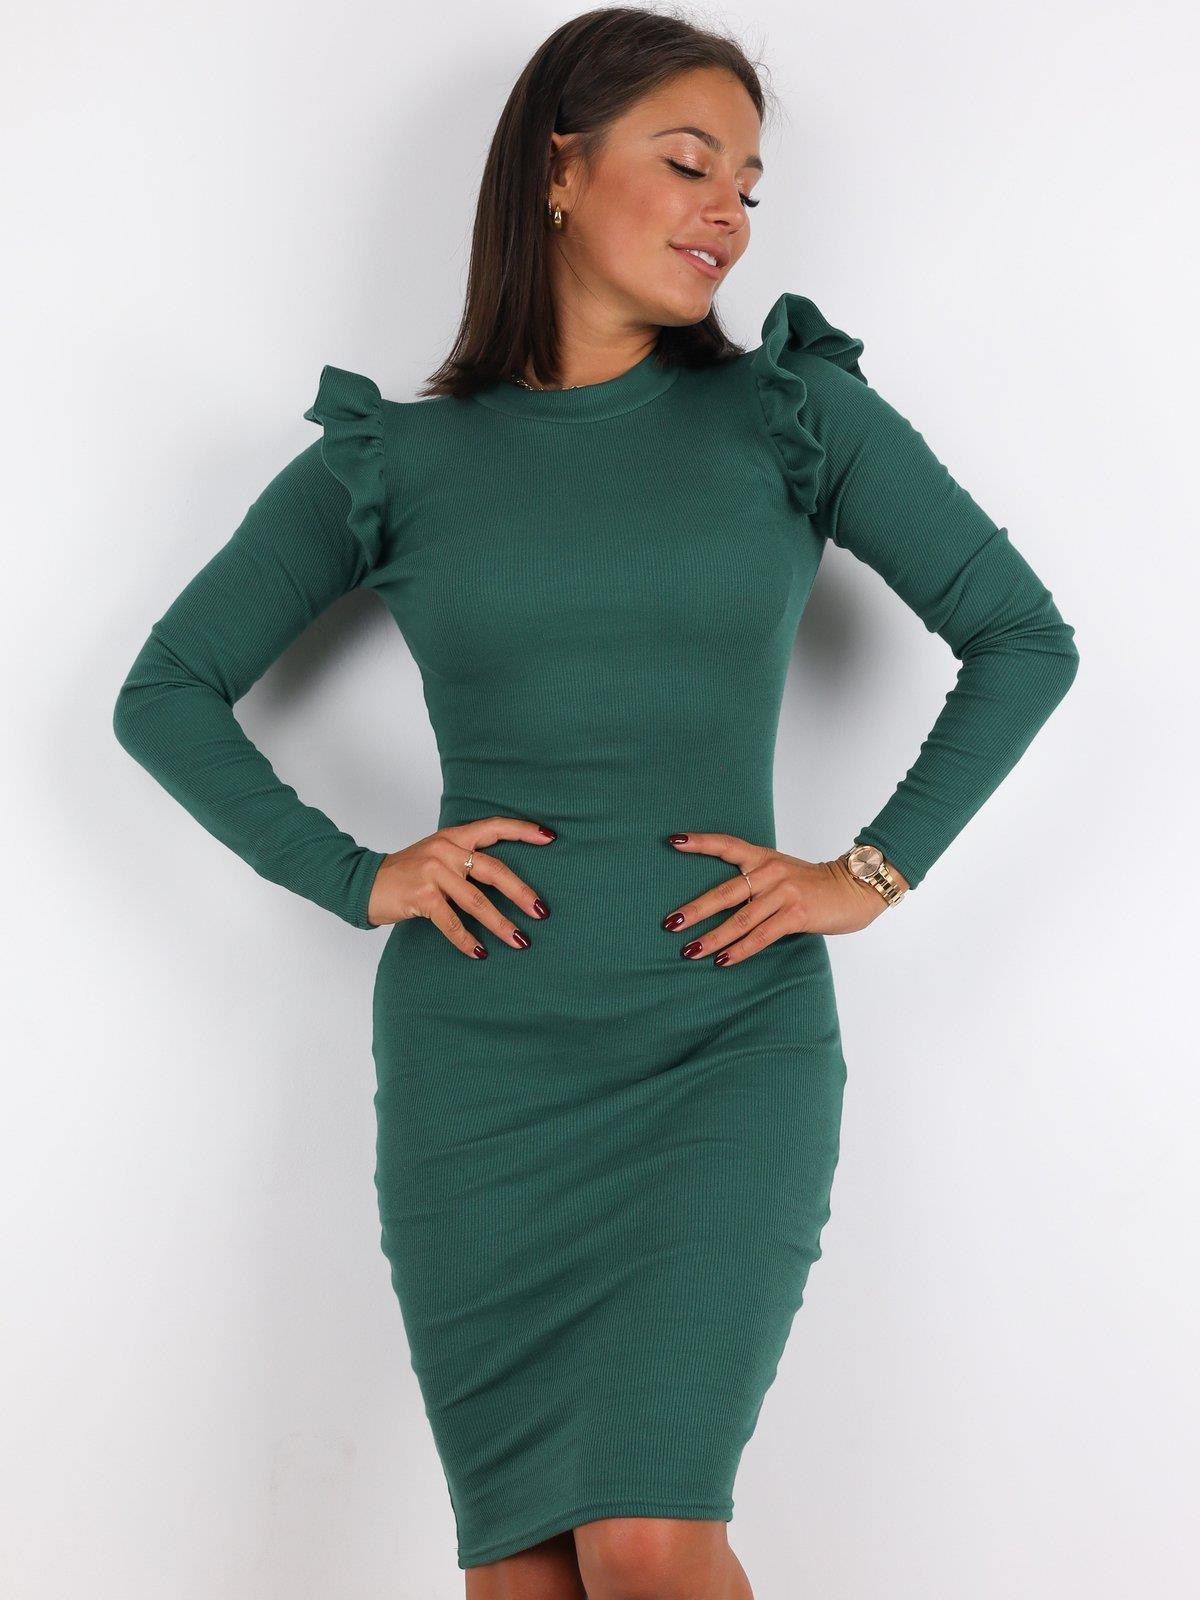 Geripptes Kleid Aus Baumwolle Mit Rüschen Ärmeln  Grün